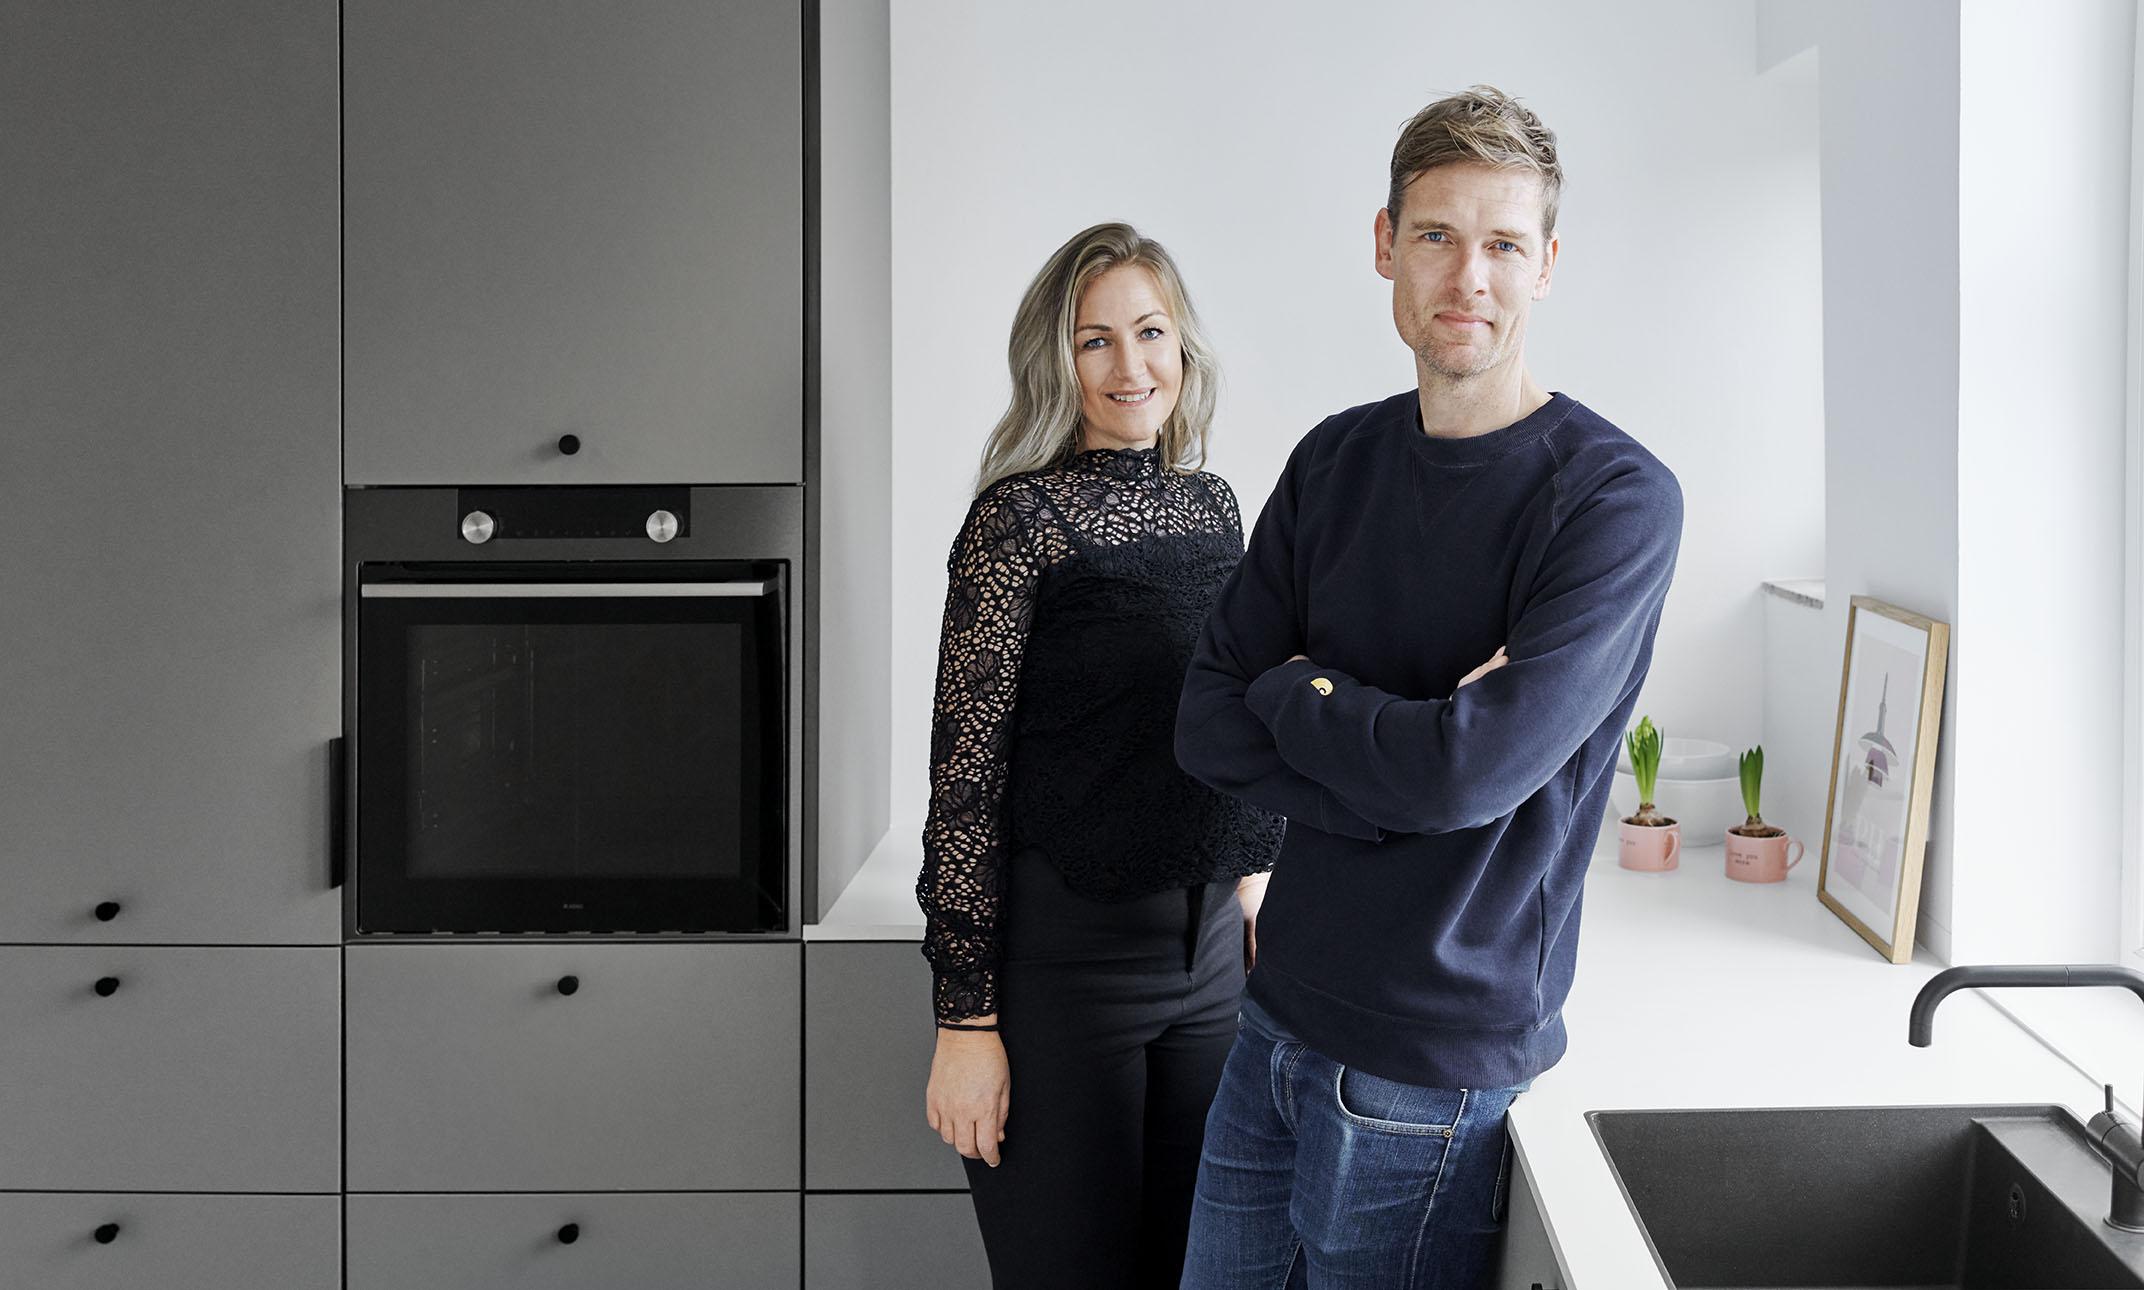 Signe Thorup, kommunikationschef på Hotel d'Angleterre i København, står med sin kæreste, tømrer- og snedkeruddannede Kenn Harboe Christensen bag det nye køkkenfirma Køkkenhavn. Fremsendt PR-foto.